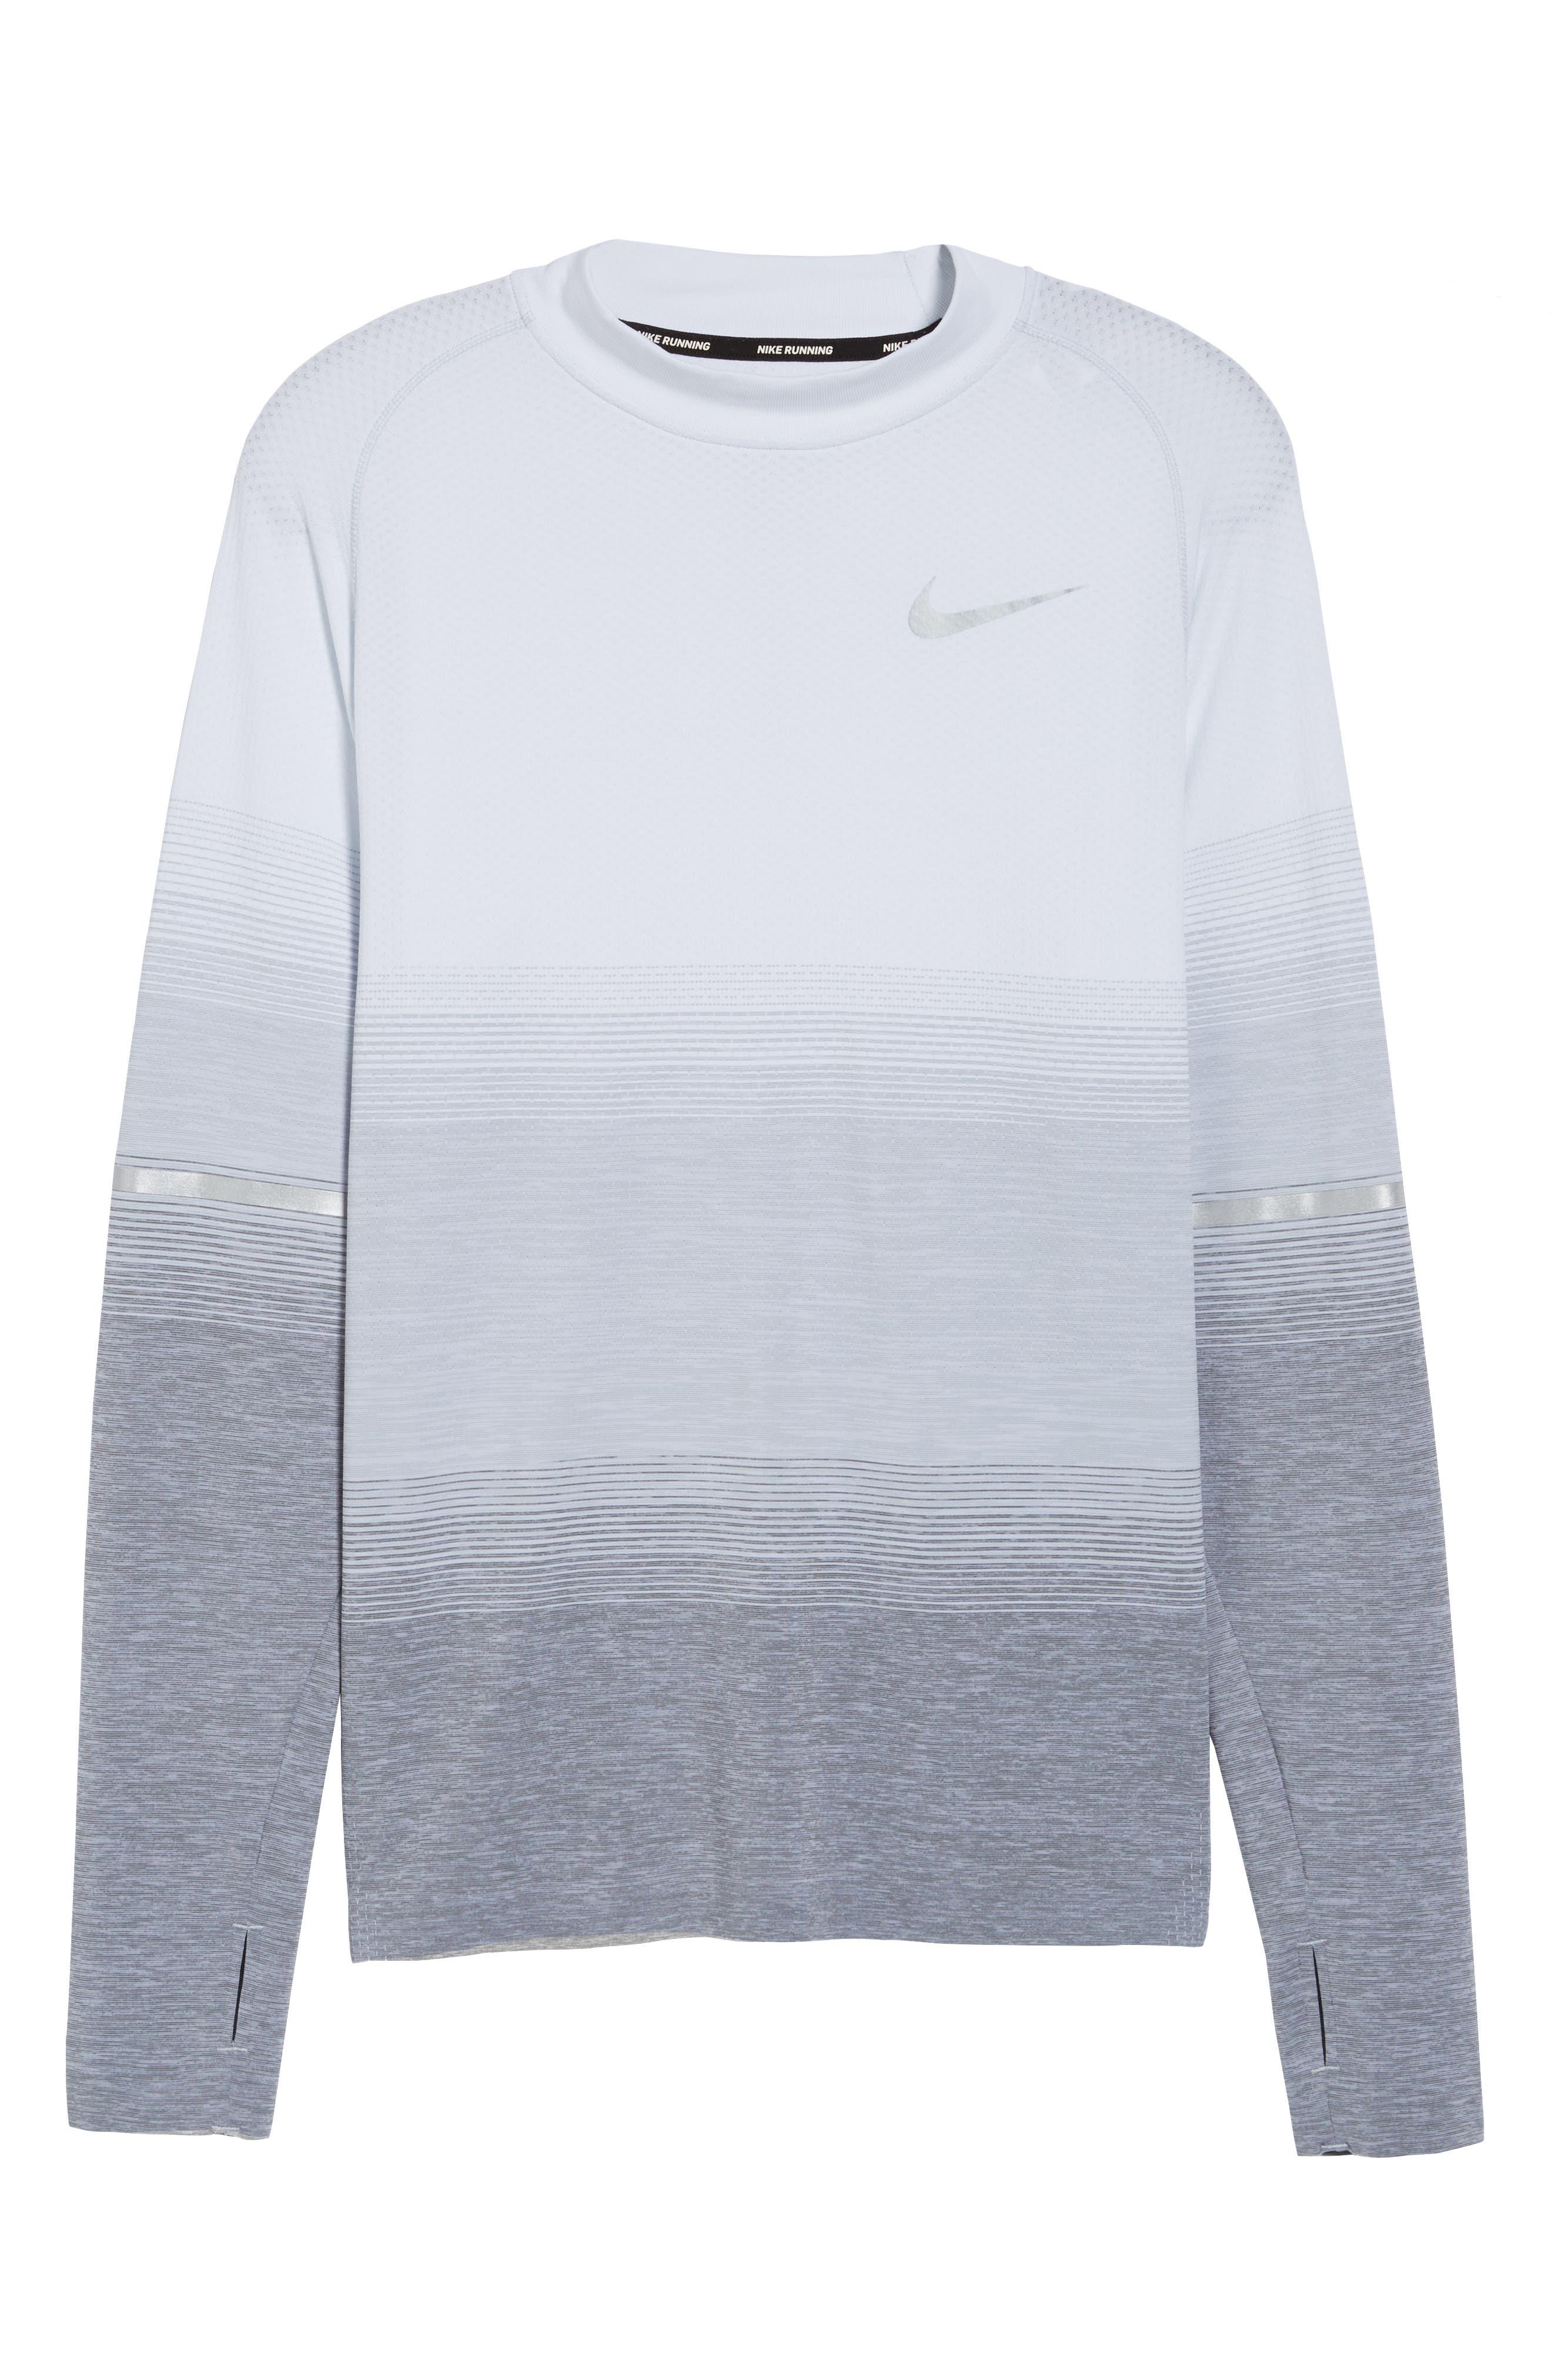 Dry Running Mock Neck Long Sleeve T-Shirt,                             Alternate thumbnail 6, color,                             053